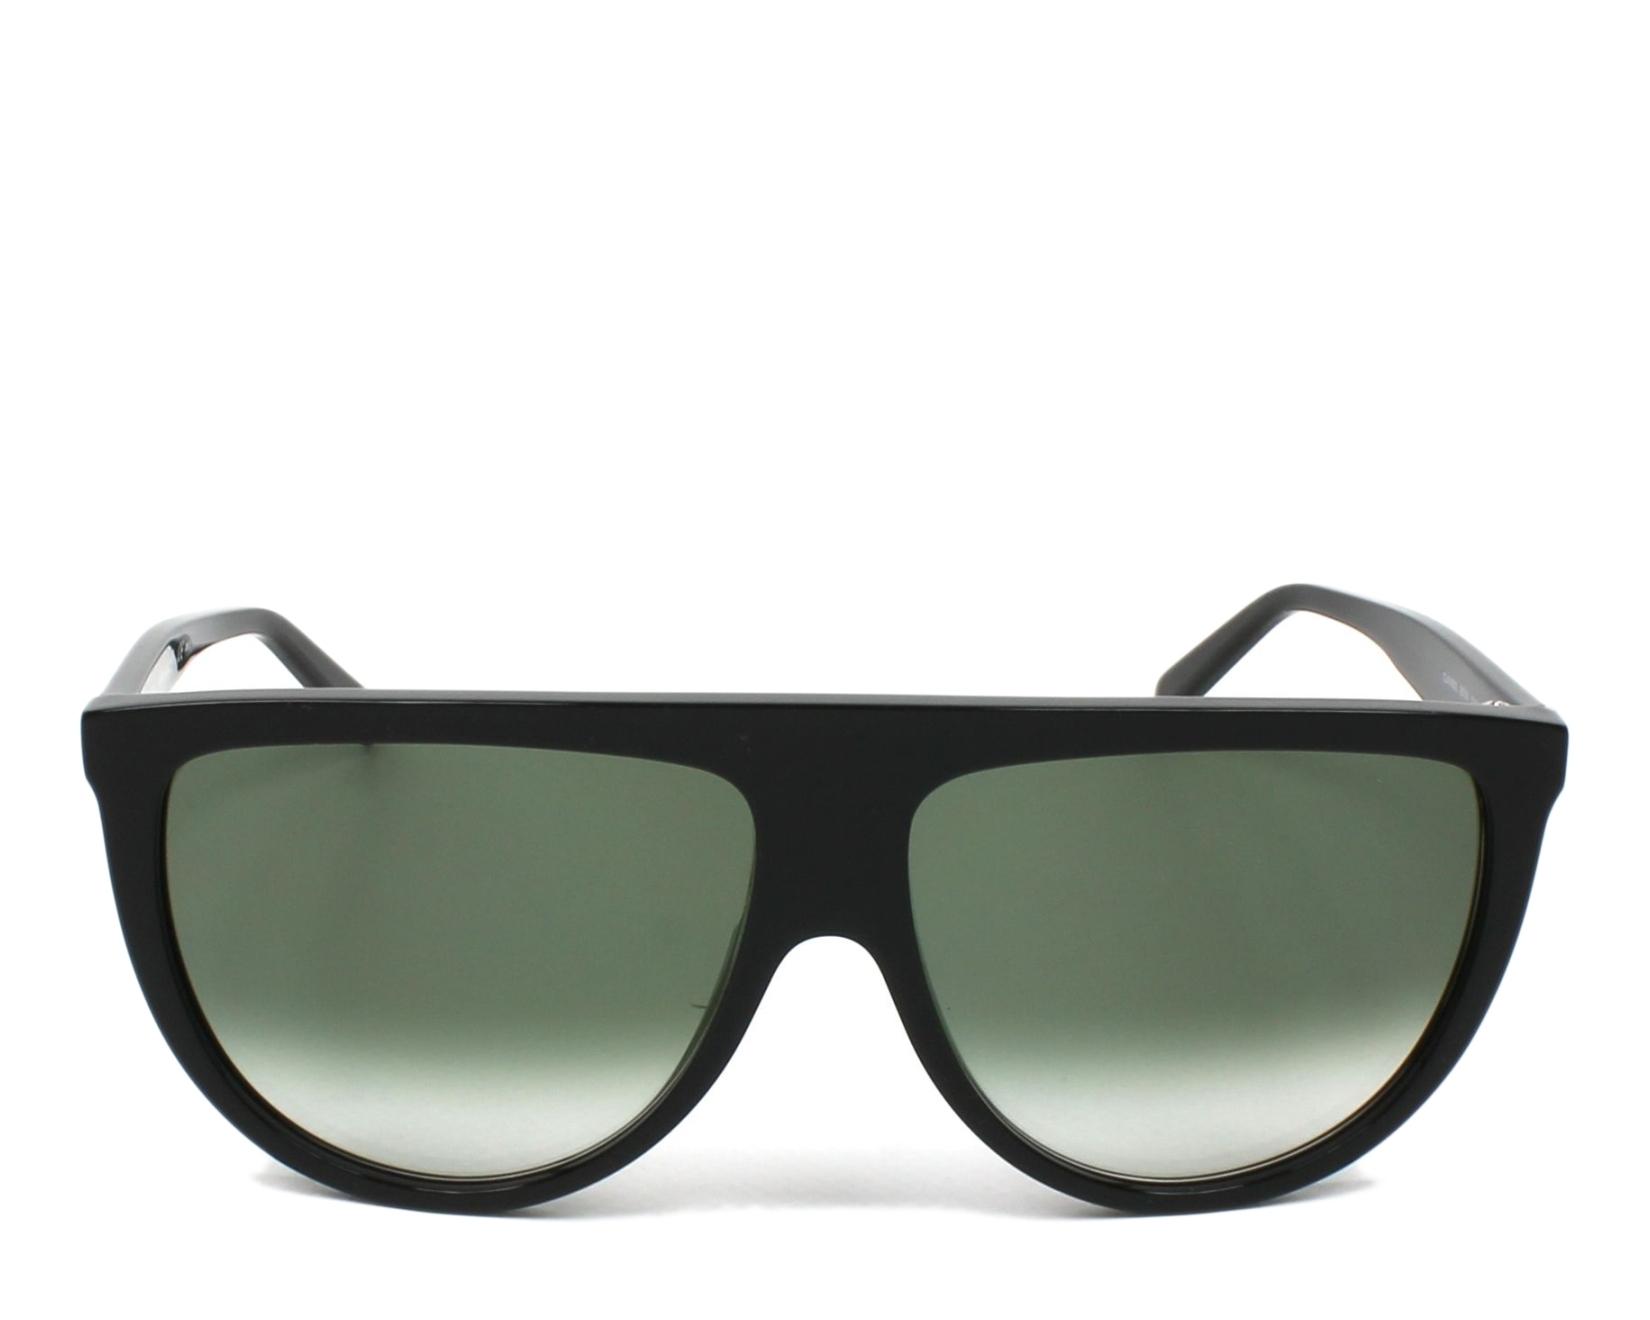 12c2250c036 thumbnail Sunglasses Céline CL-41435-S 807 XM - Black front view